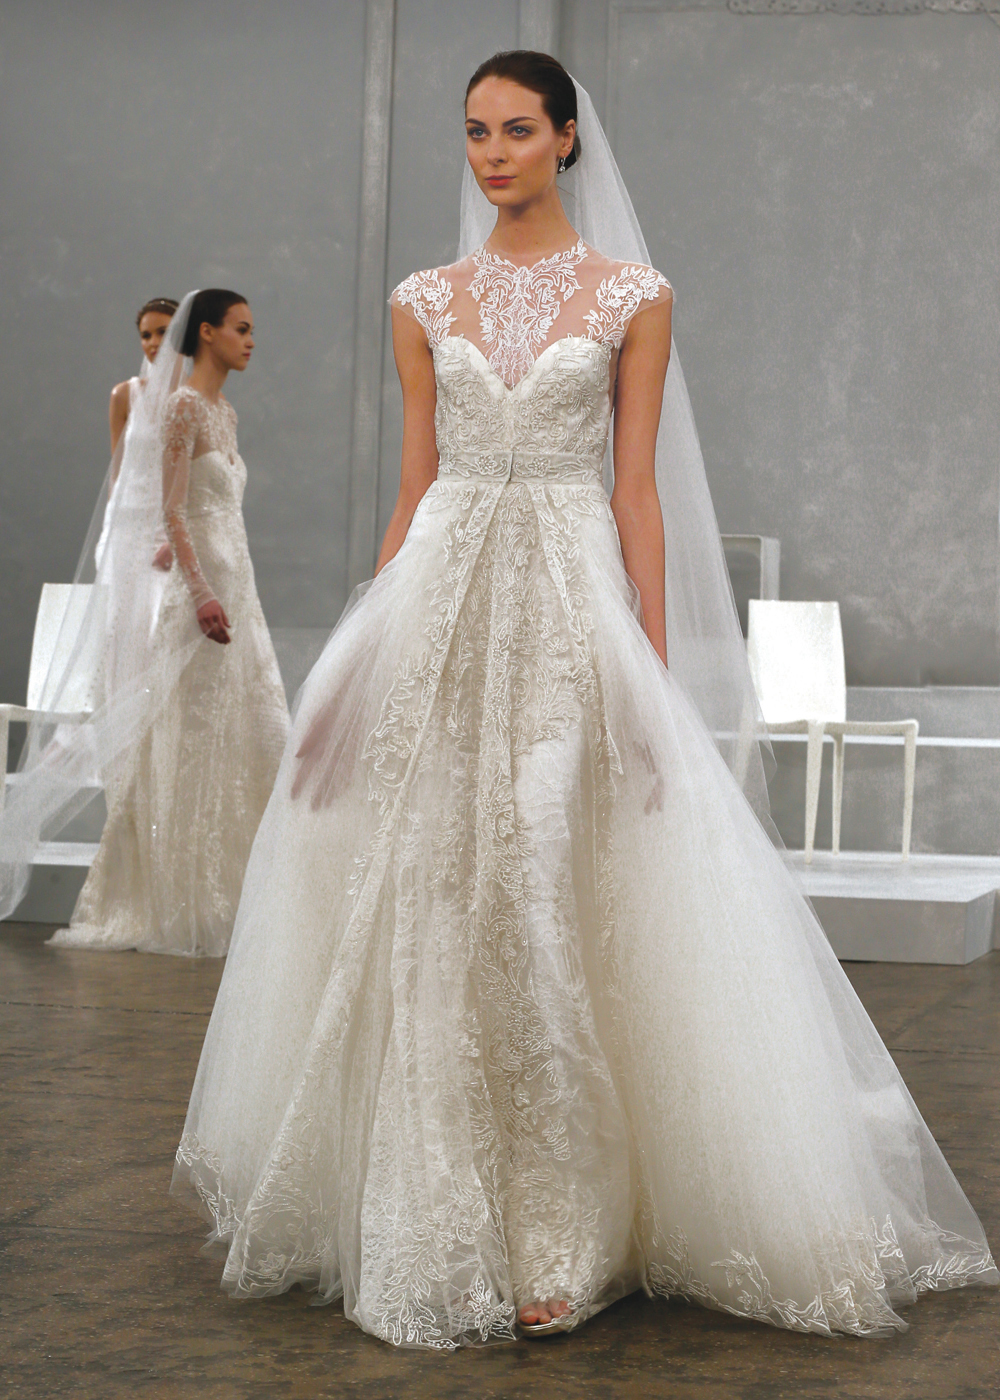 Monique lhuillier glamorous a line wedding gown for Monique lhuillier wedding dress price